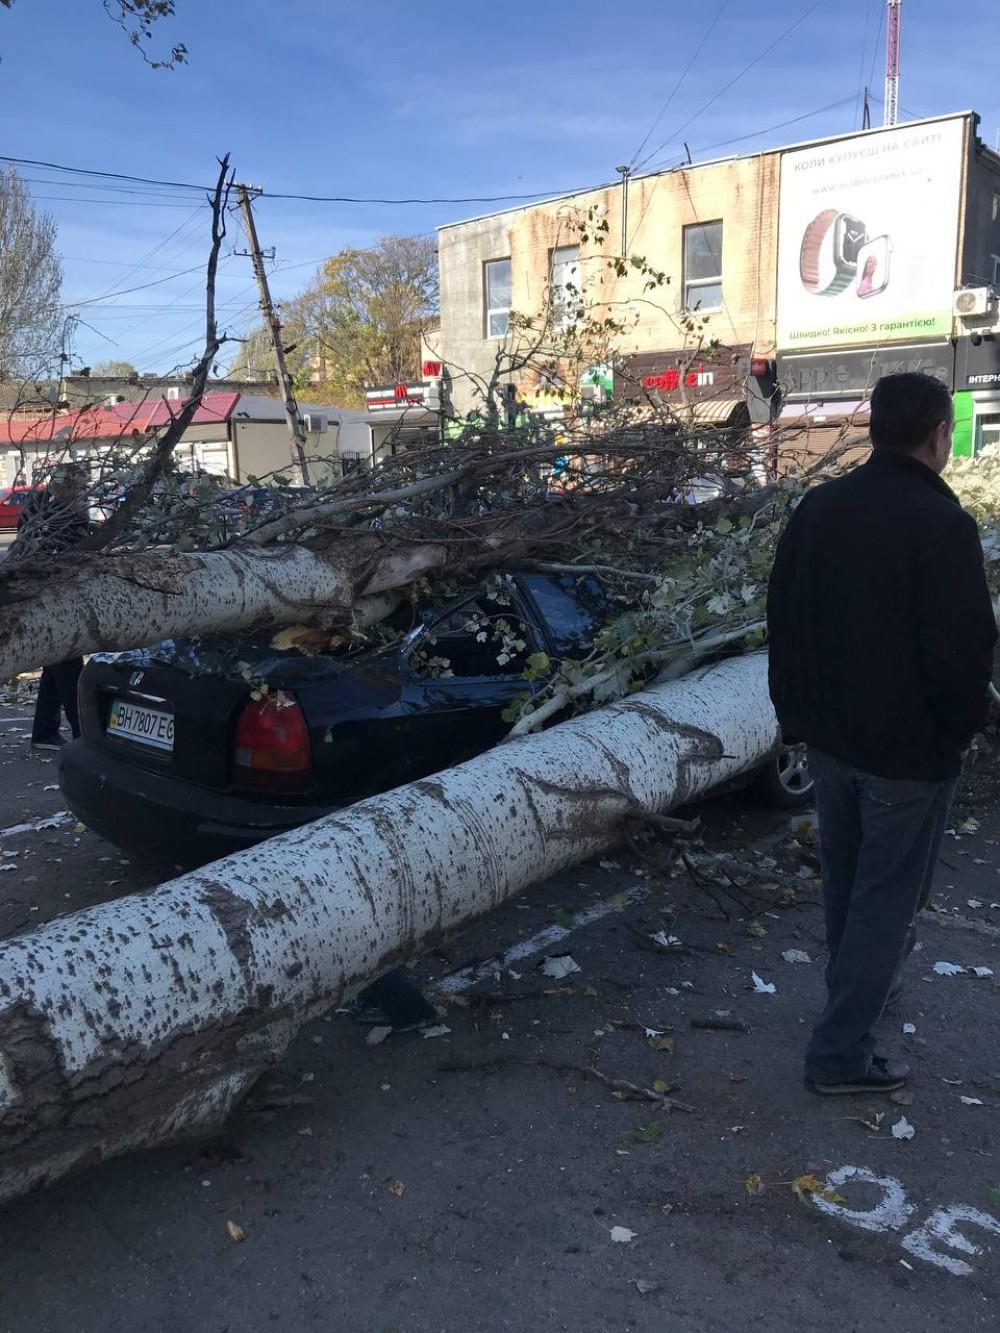 Из-за сильного ветра // На Одария тополь рухнул  на 4 авто // На Французском бульваре веткой пришибло мужчину